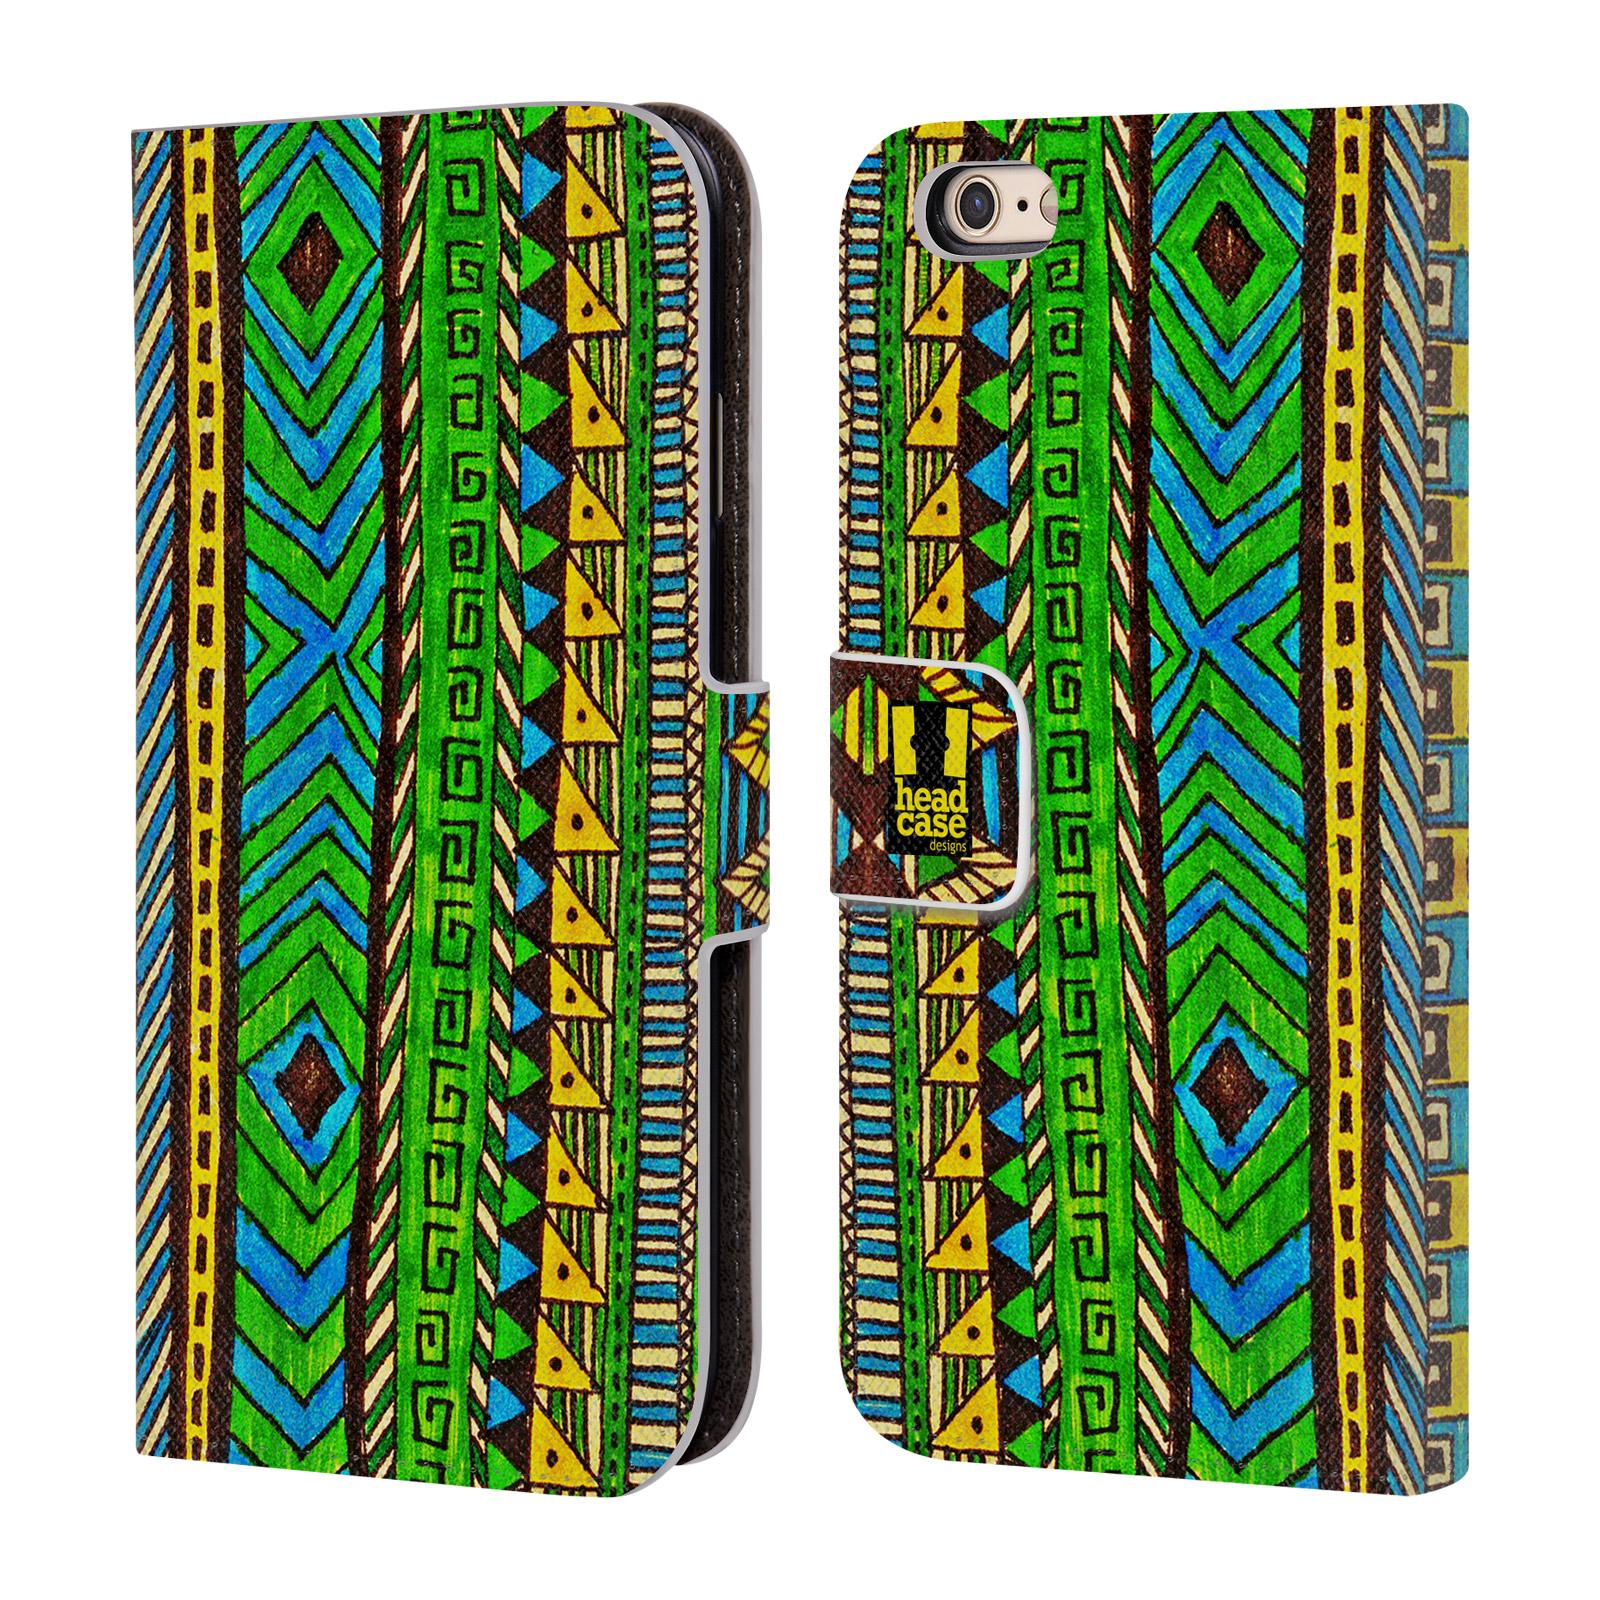 HEAD CASE Flipové pouzdro pro mobil Apple Iphone 6/6s Barevná aztécká čmáranice zelená